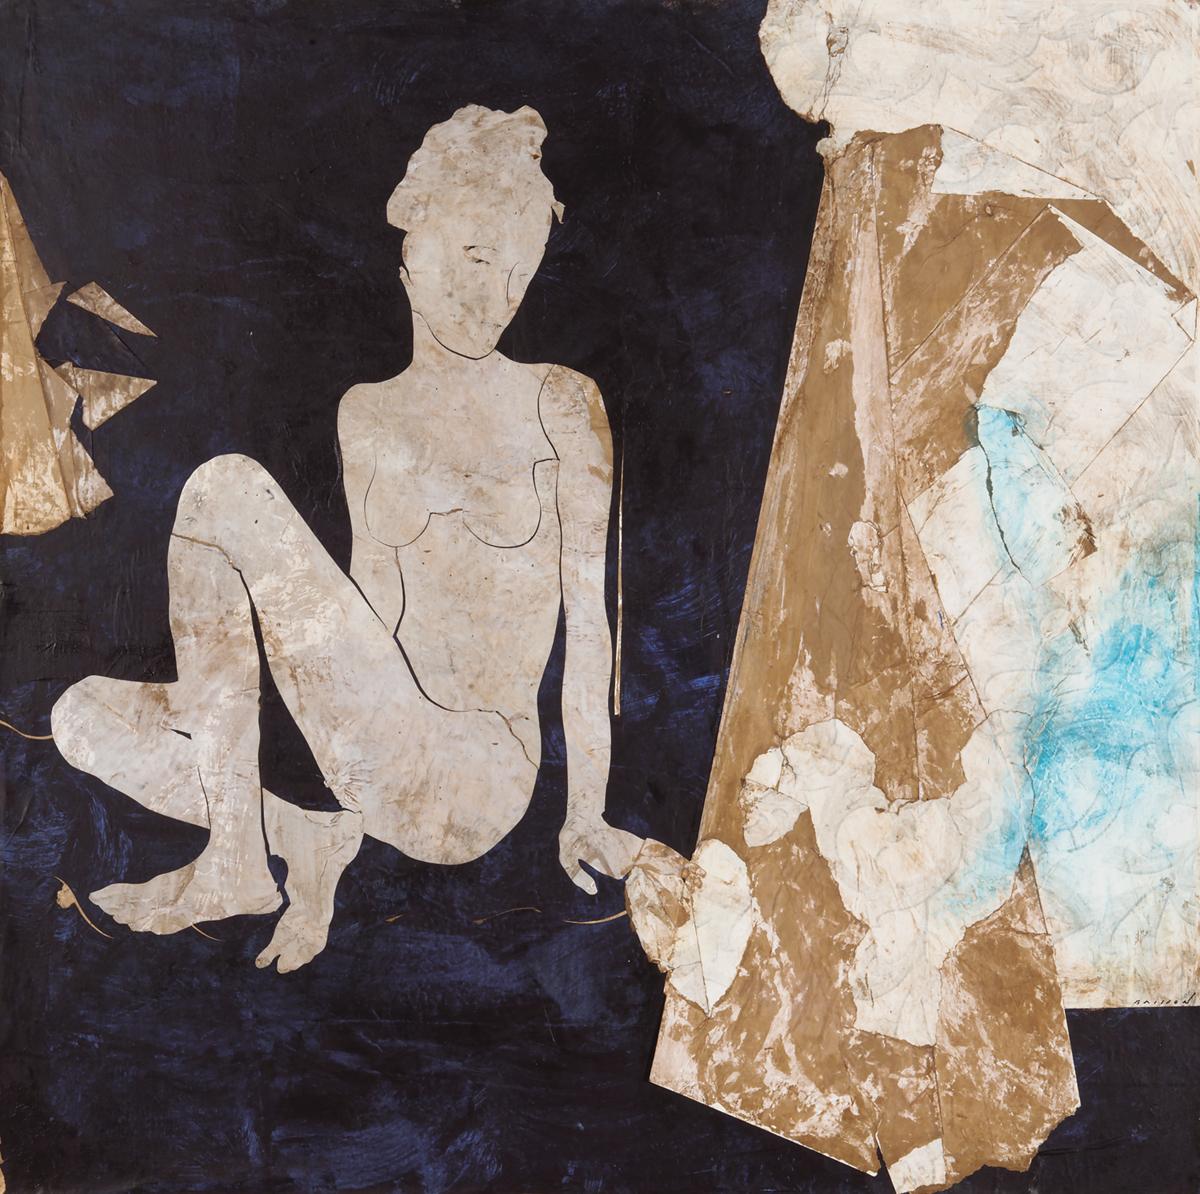 La dame d'à côté, Mixed media on canvas, 39 x 39 inches, 2017